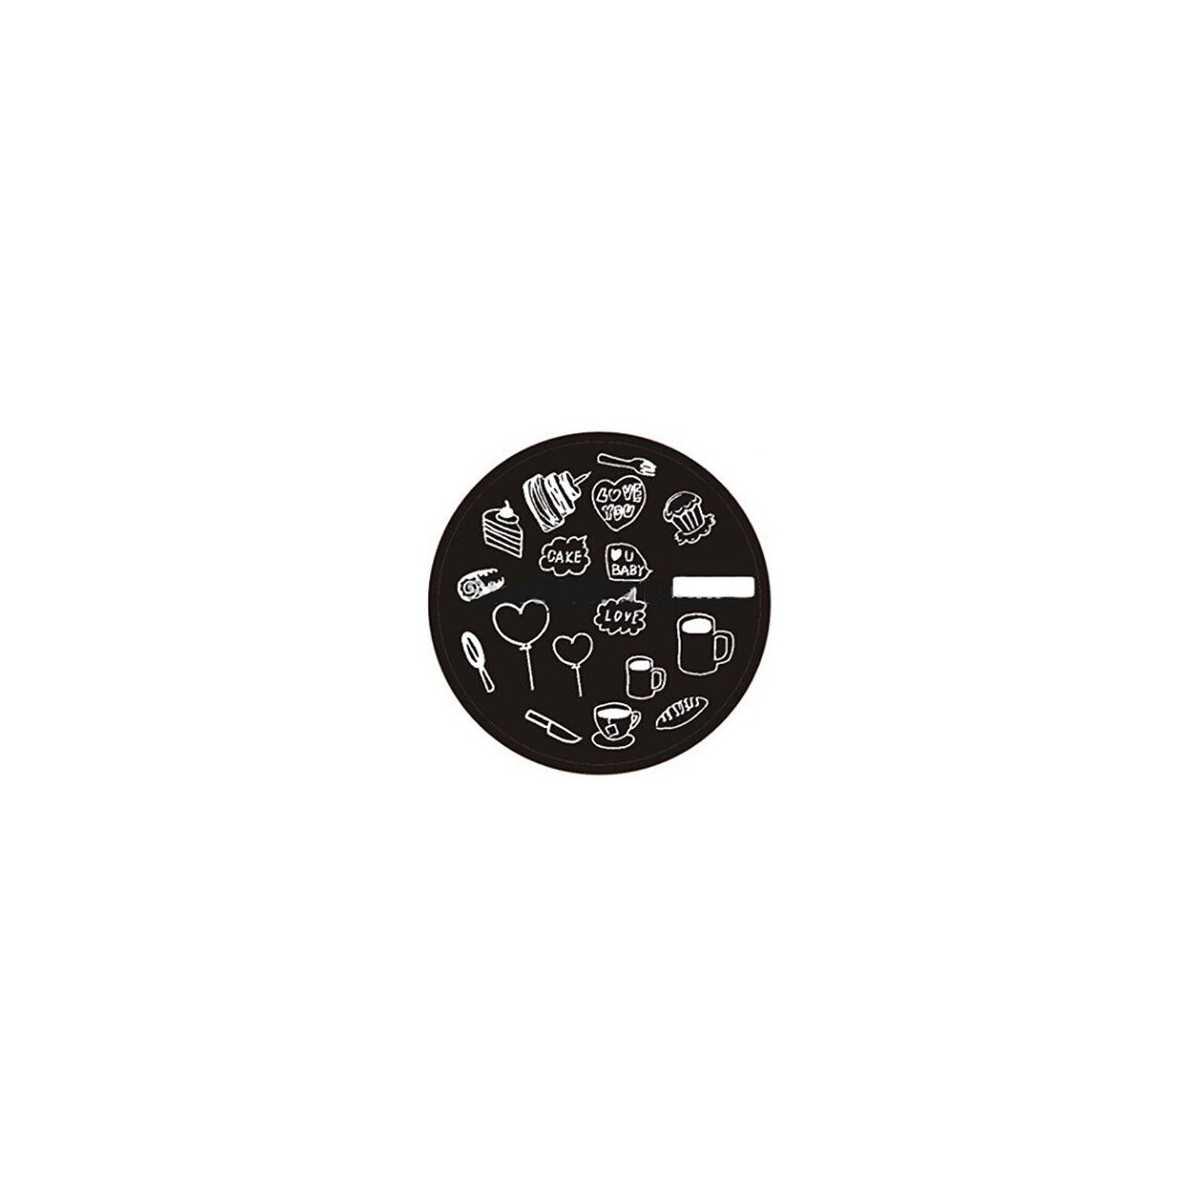 https://www.kit-manucure.com/848-thickbox_default/plaque-de-stamping-gâteau-café-cœur-et-messages.jpg